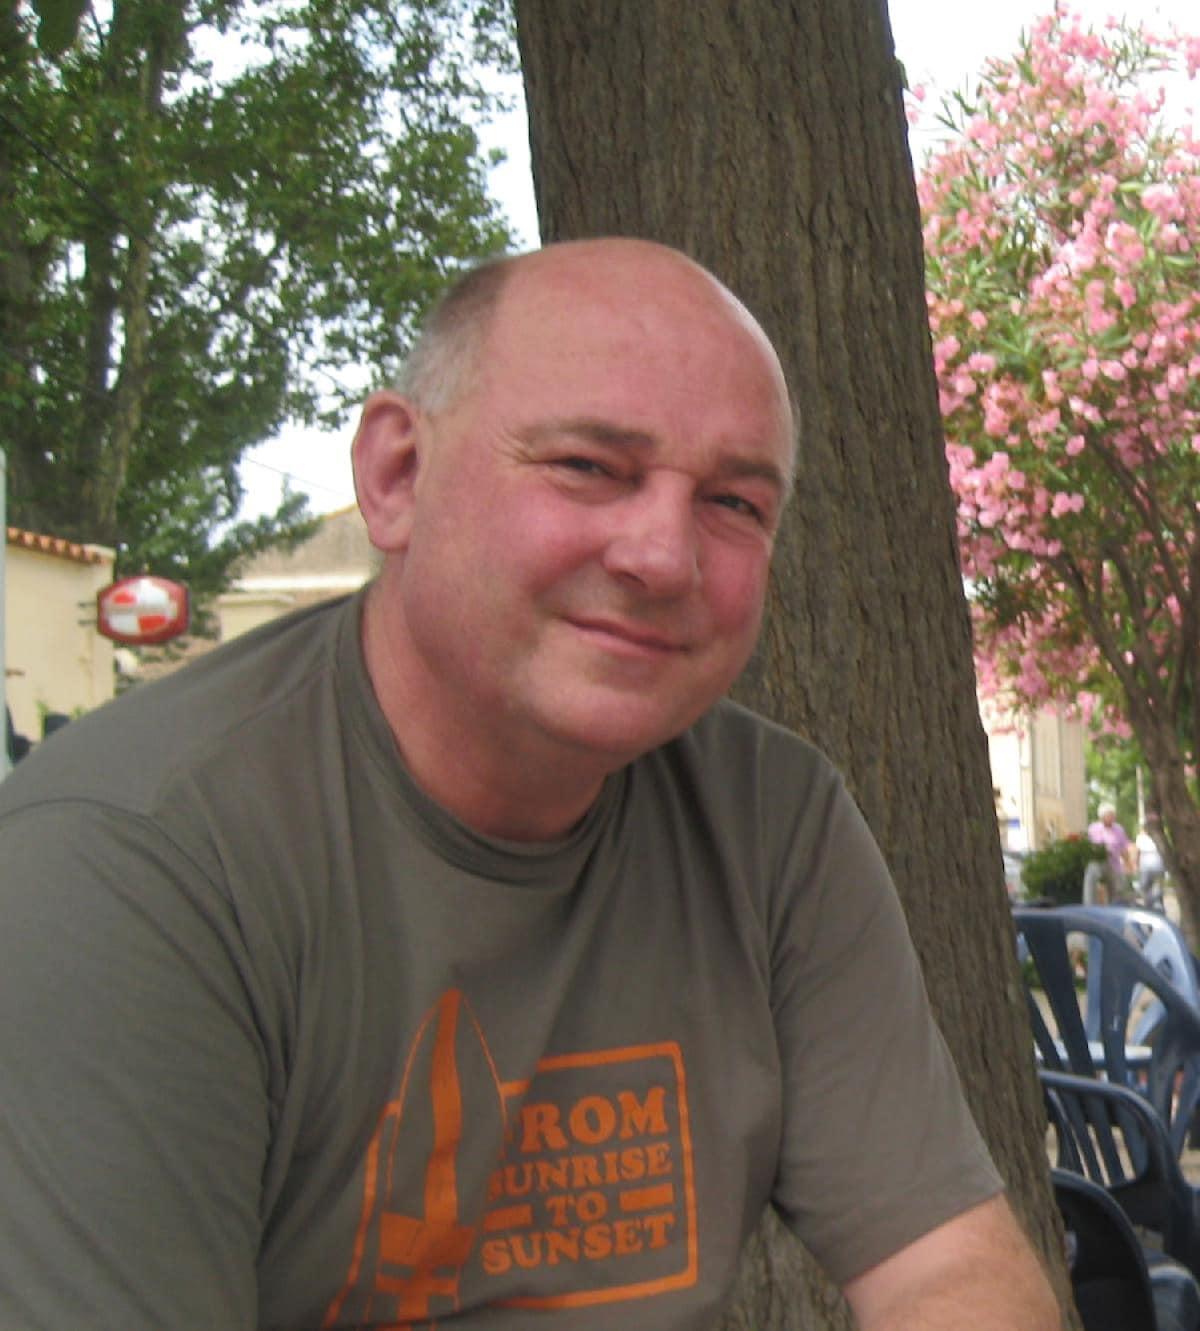 William Nigel from Quarante